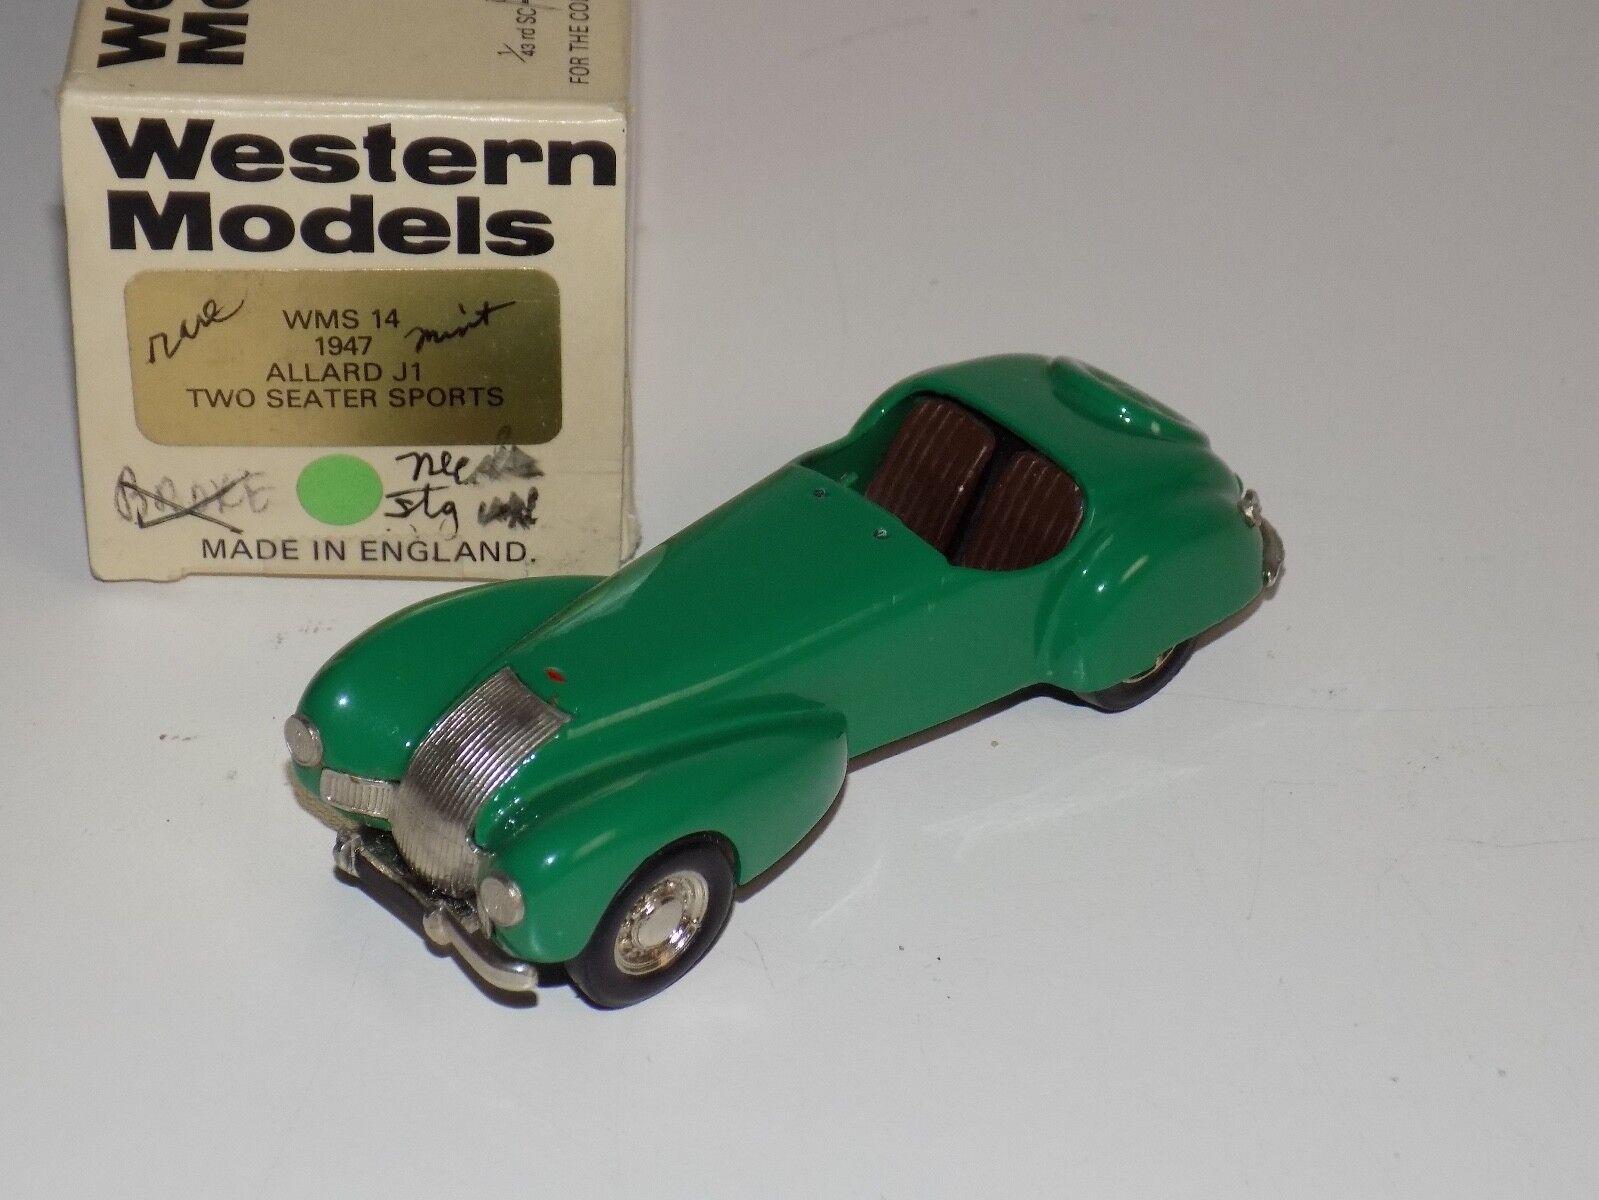 economico e di alta qualità 1 43 Western modellos modellos modellos 1947 tuttiard J1 Two Seater Sports  in verde W105  Spedizione gratuita al 100%